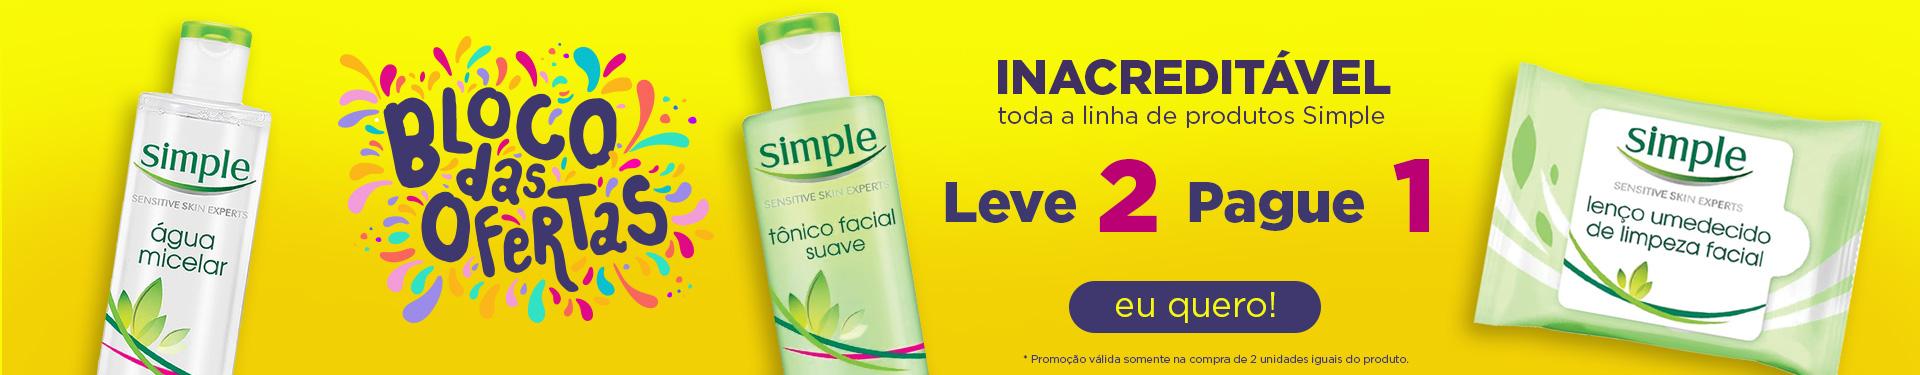 Unilever - Simple